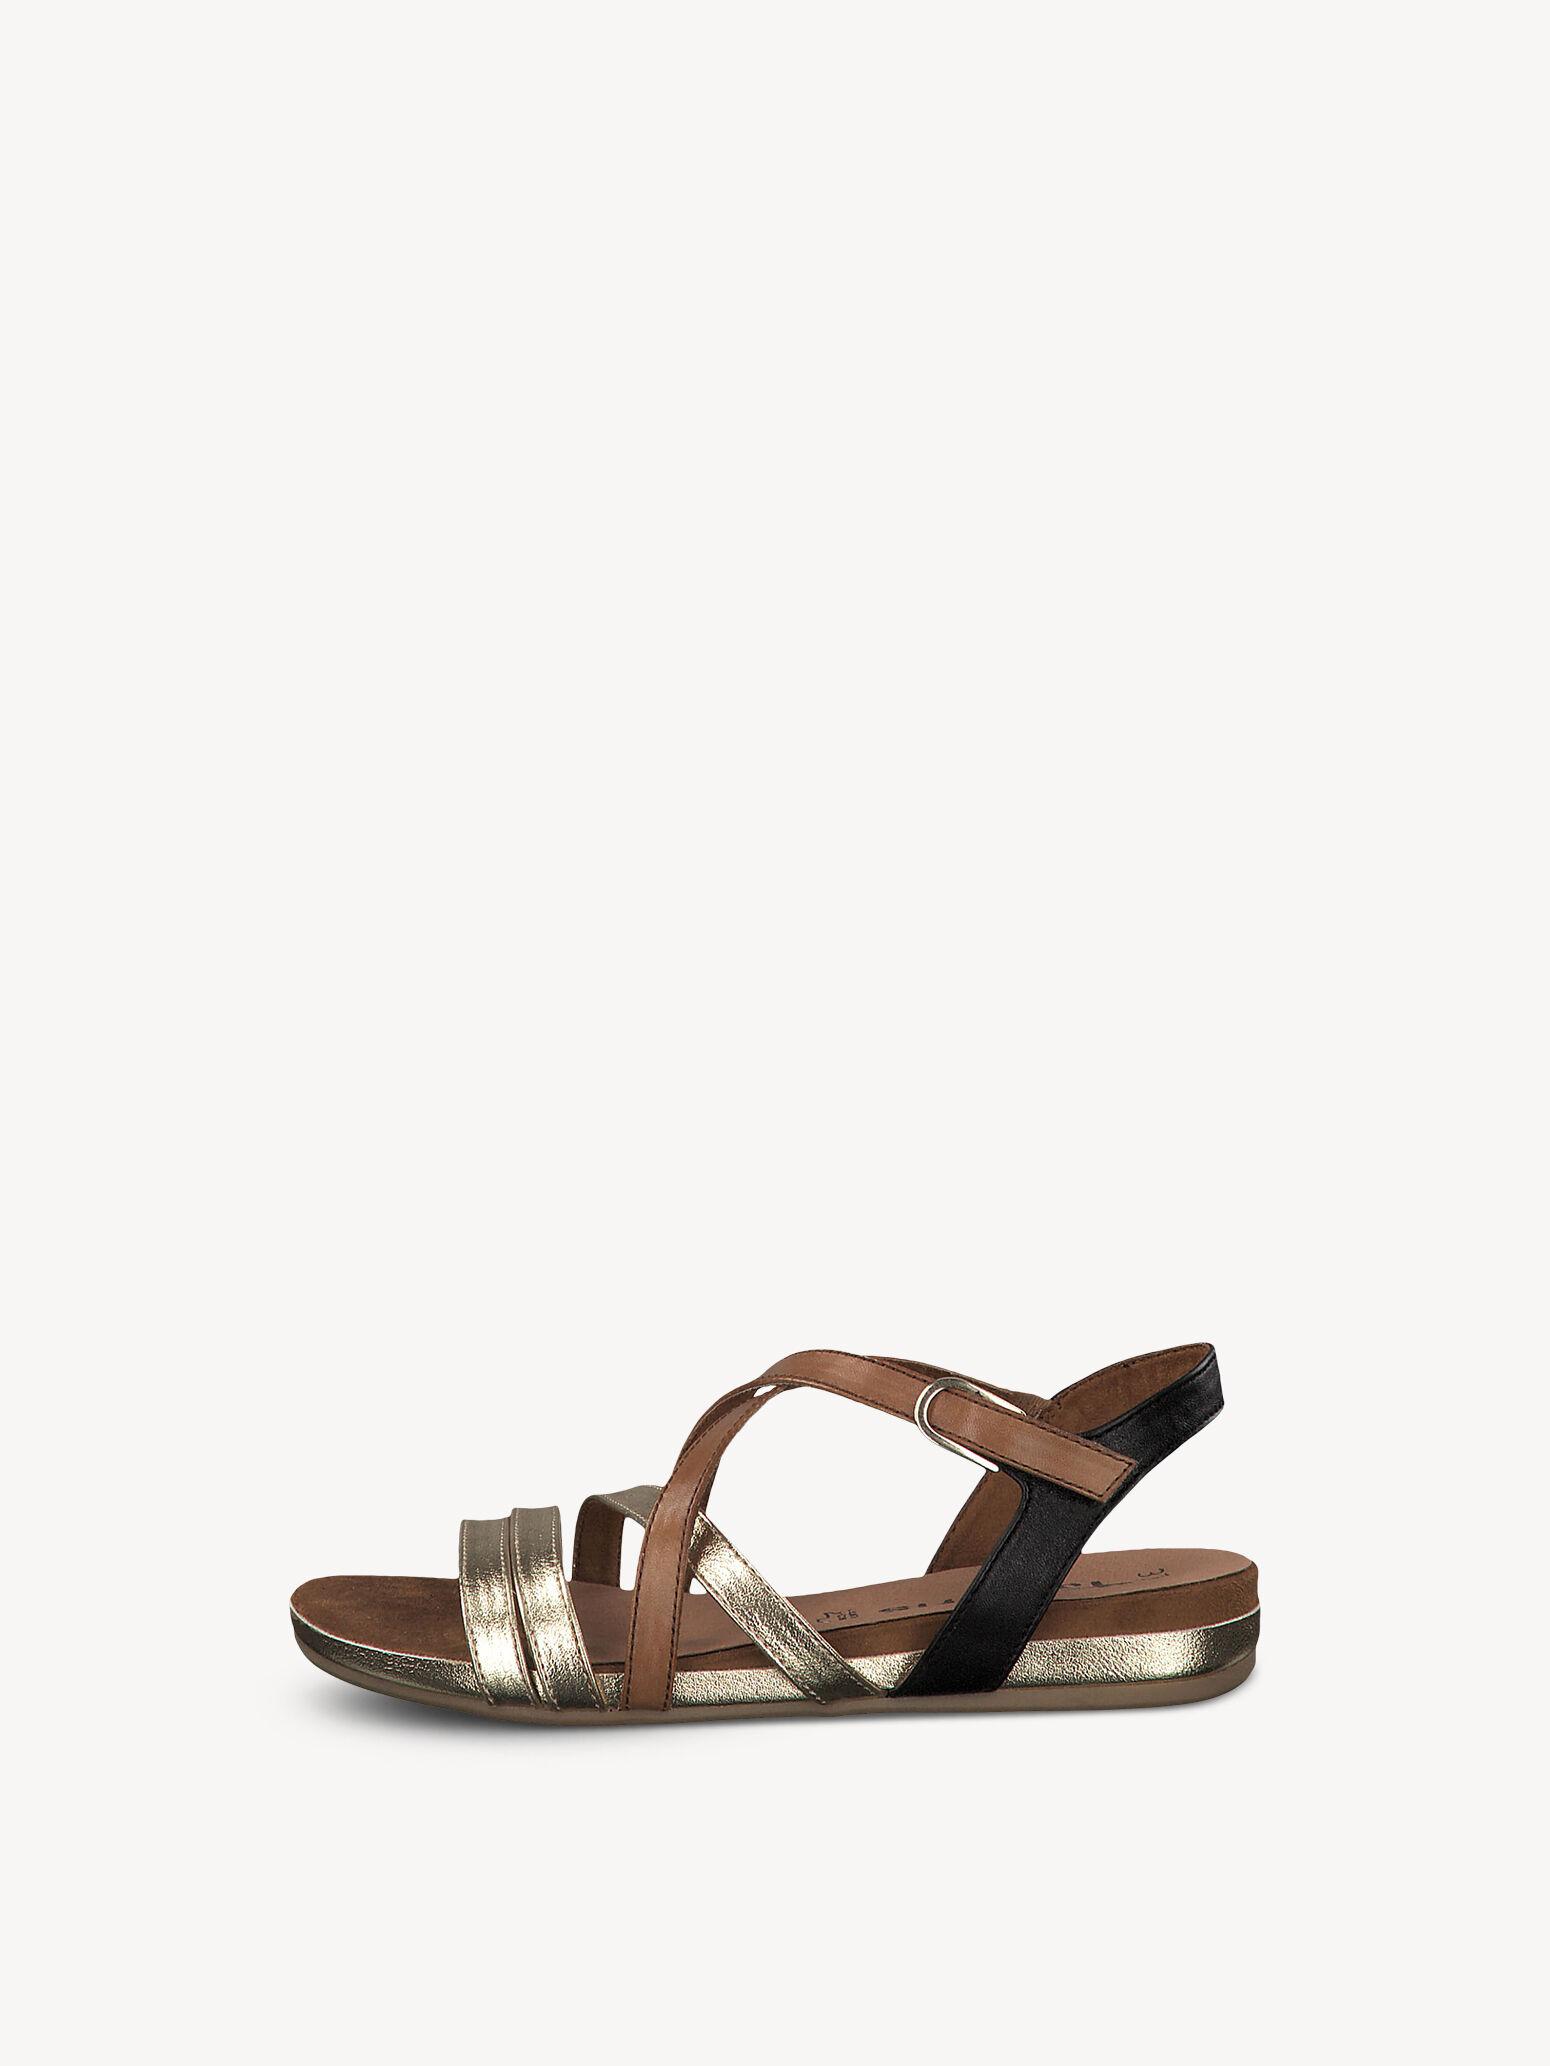 Tamaris Damen Sandaletten mit Strassbesatz rotgold 38